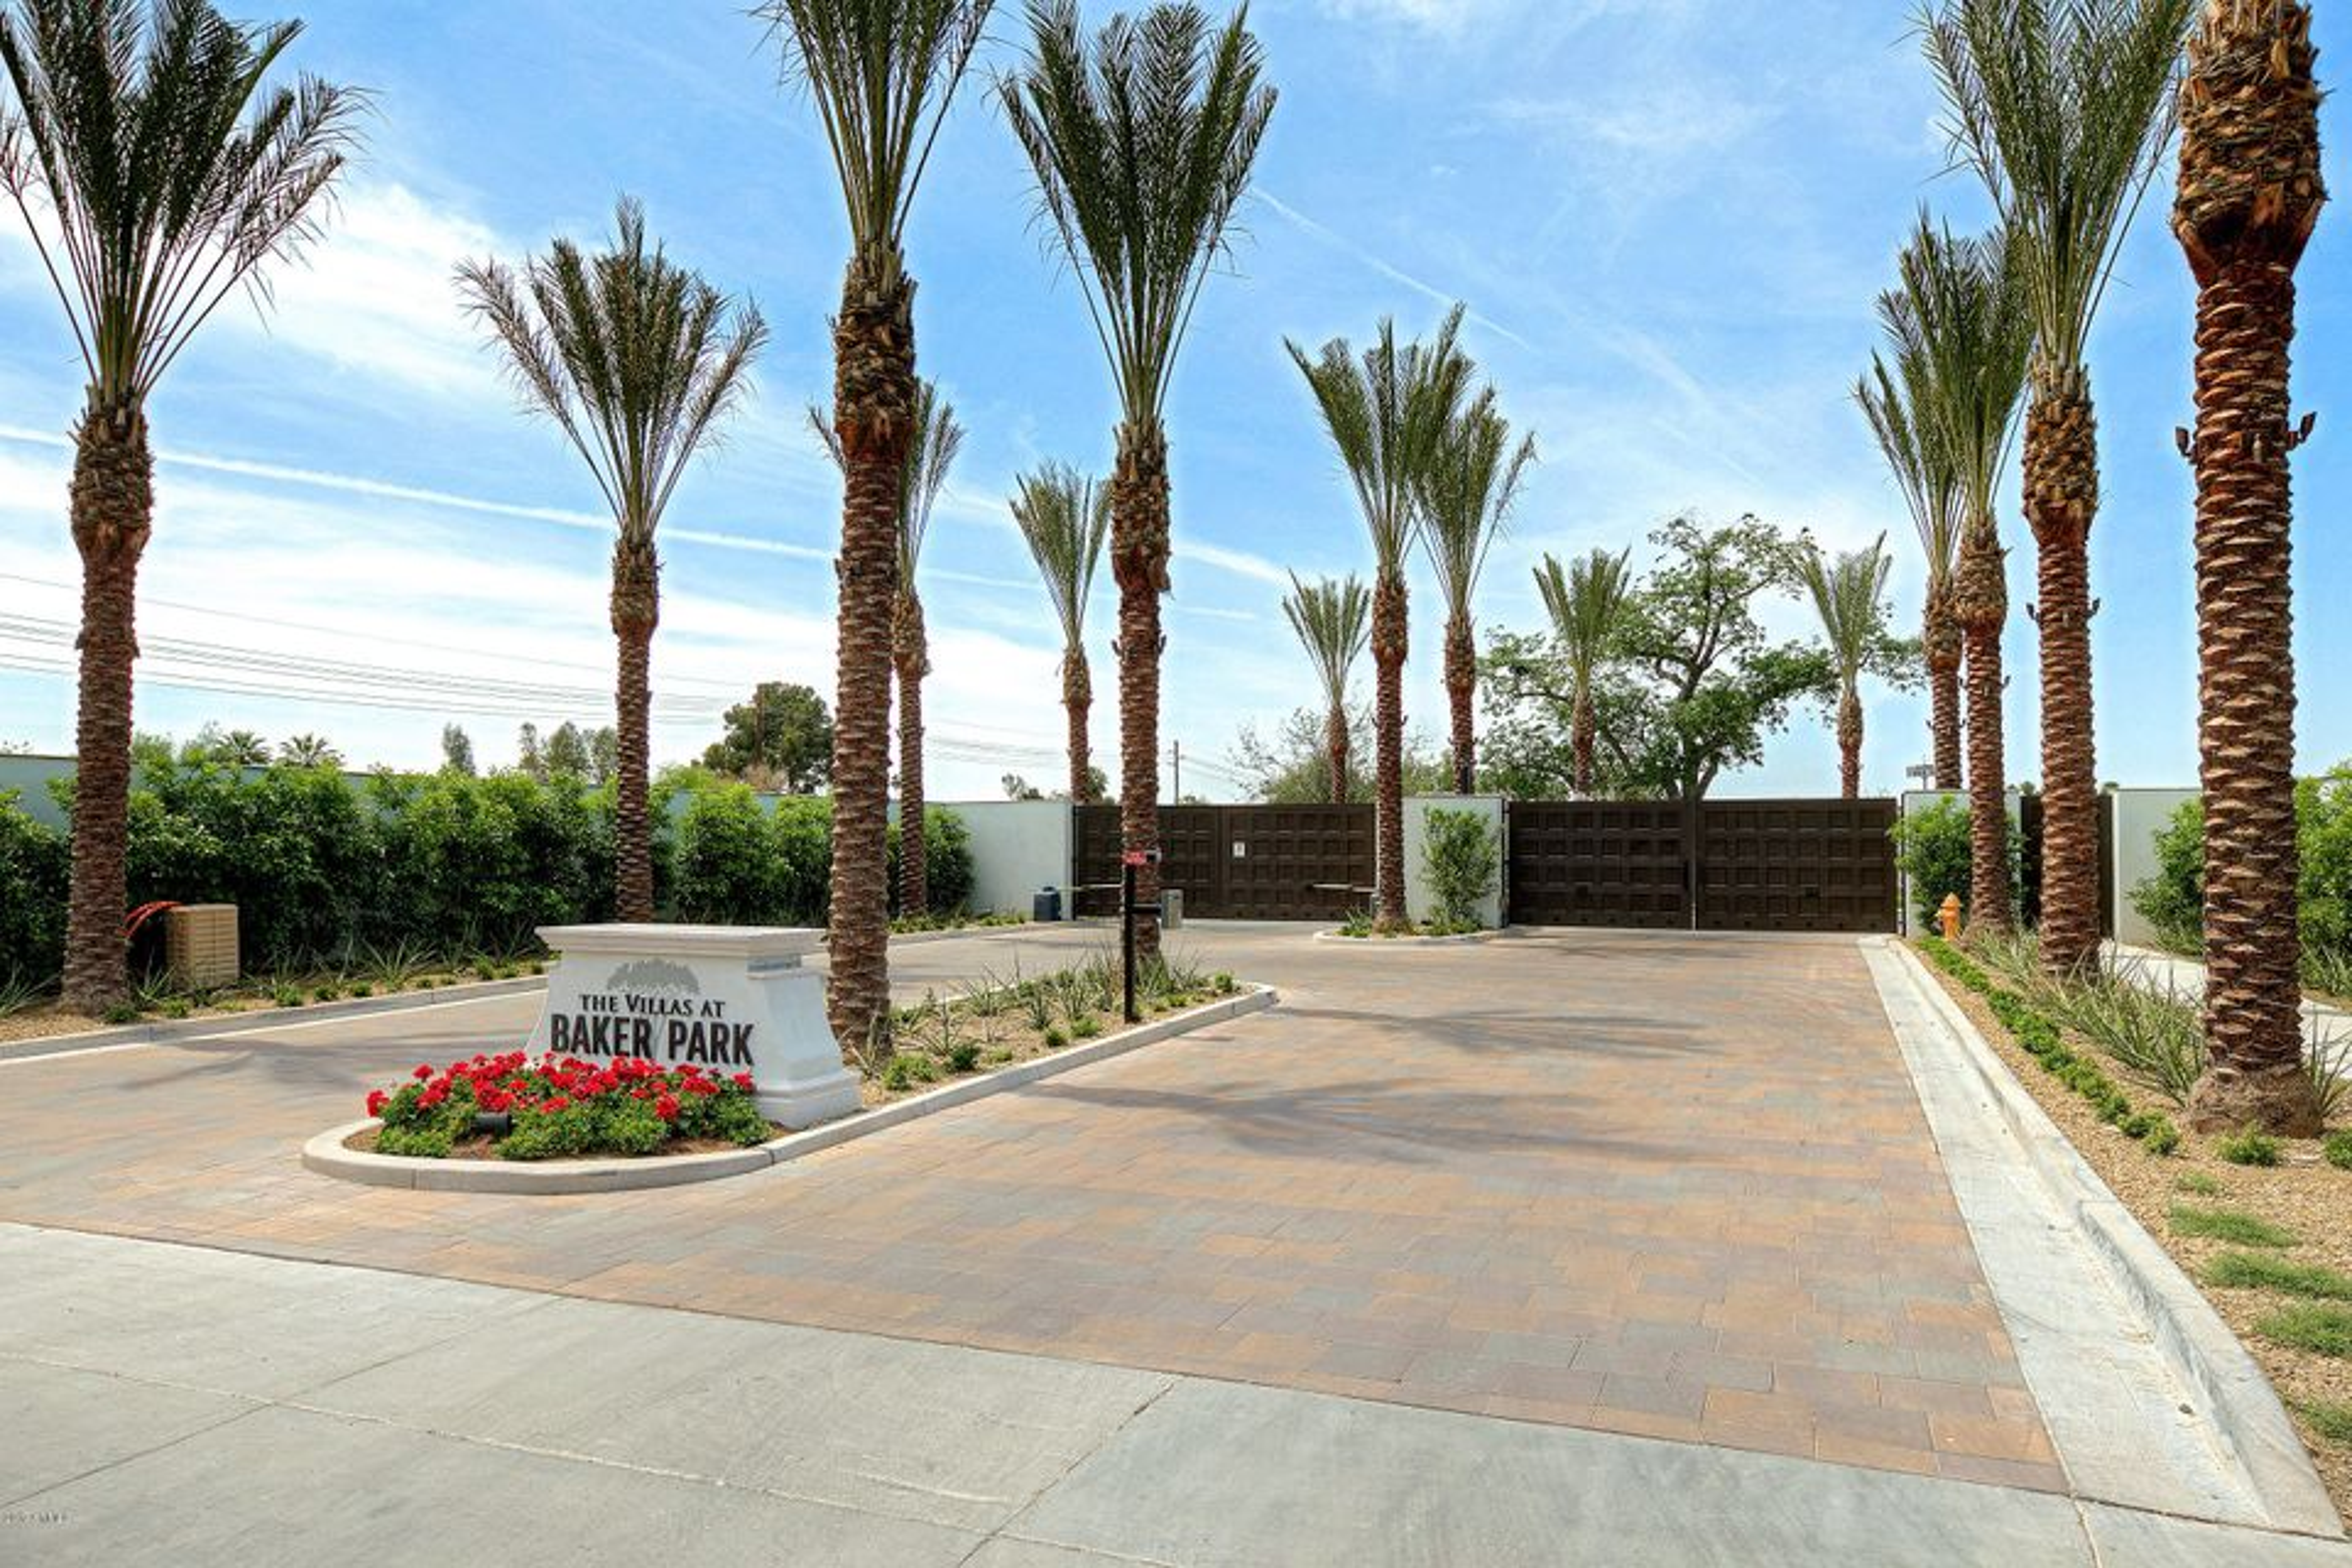 MLS 5591818 3507 N 39th Place, Phoenix, AZ 85018 Phoenix AZ Gated